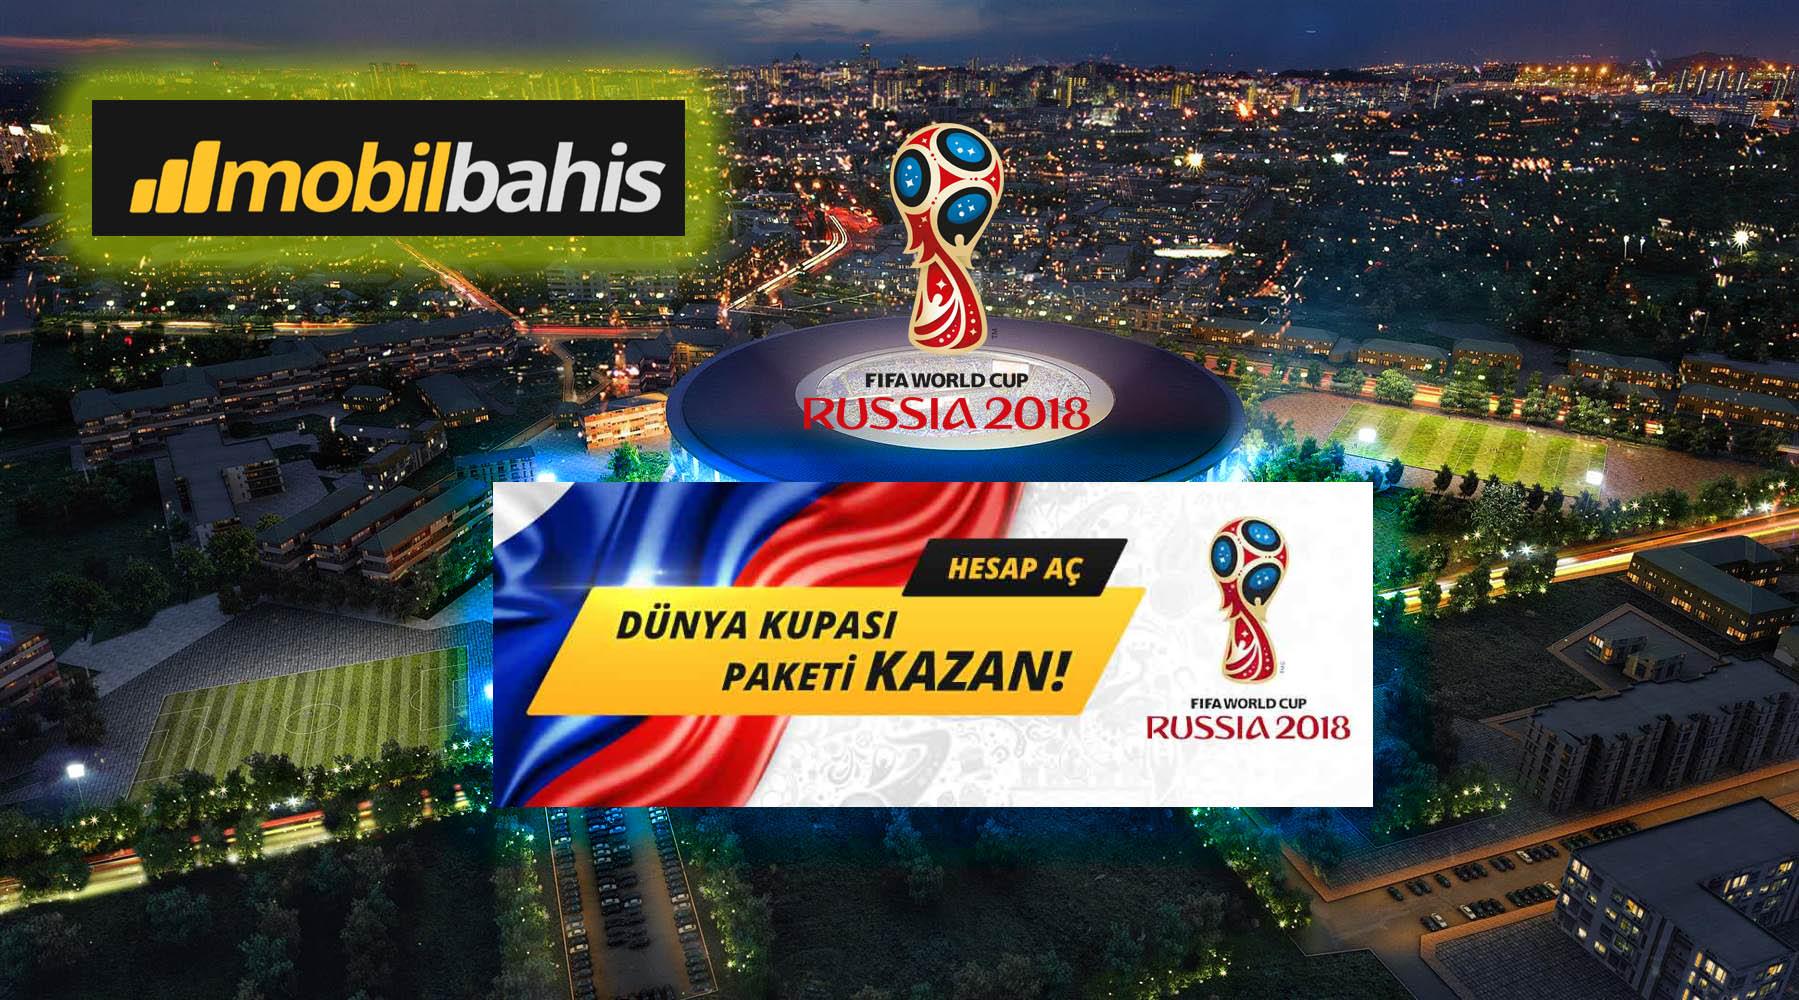 Hesap Aç Dünya Kupası Paketi Kazan